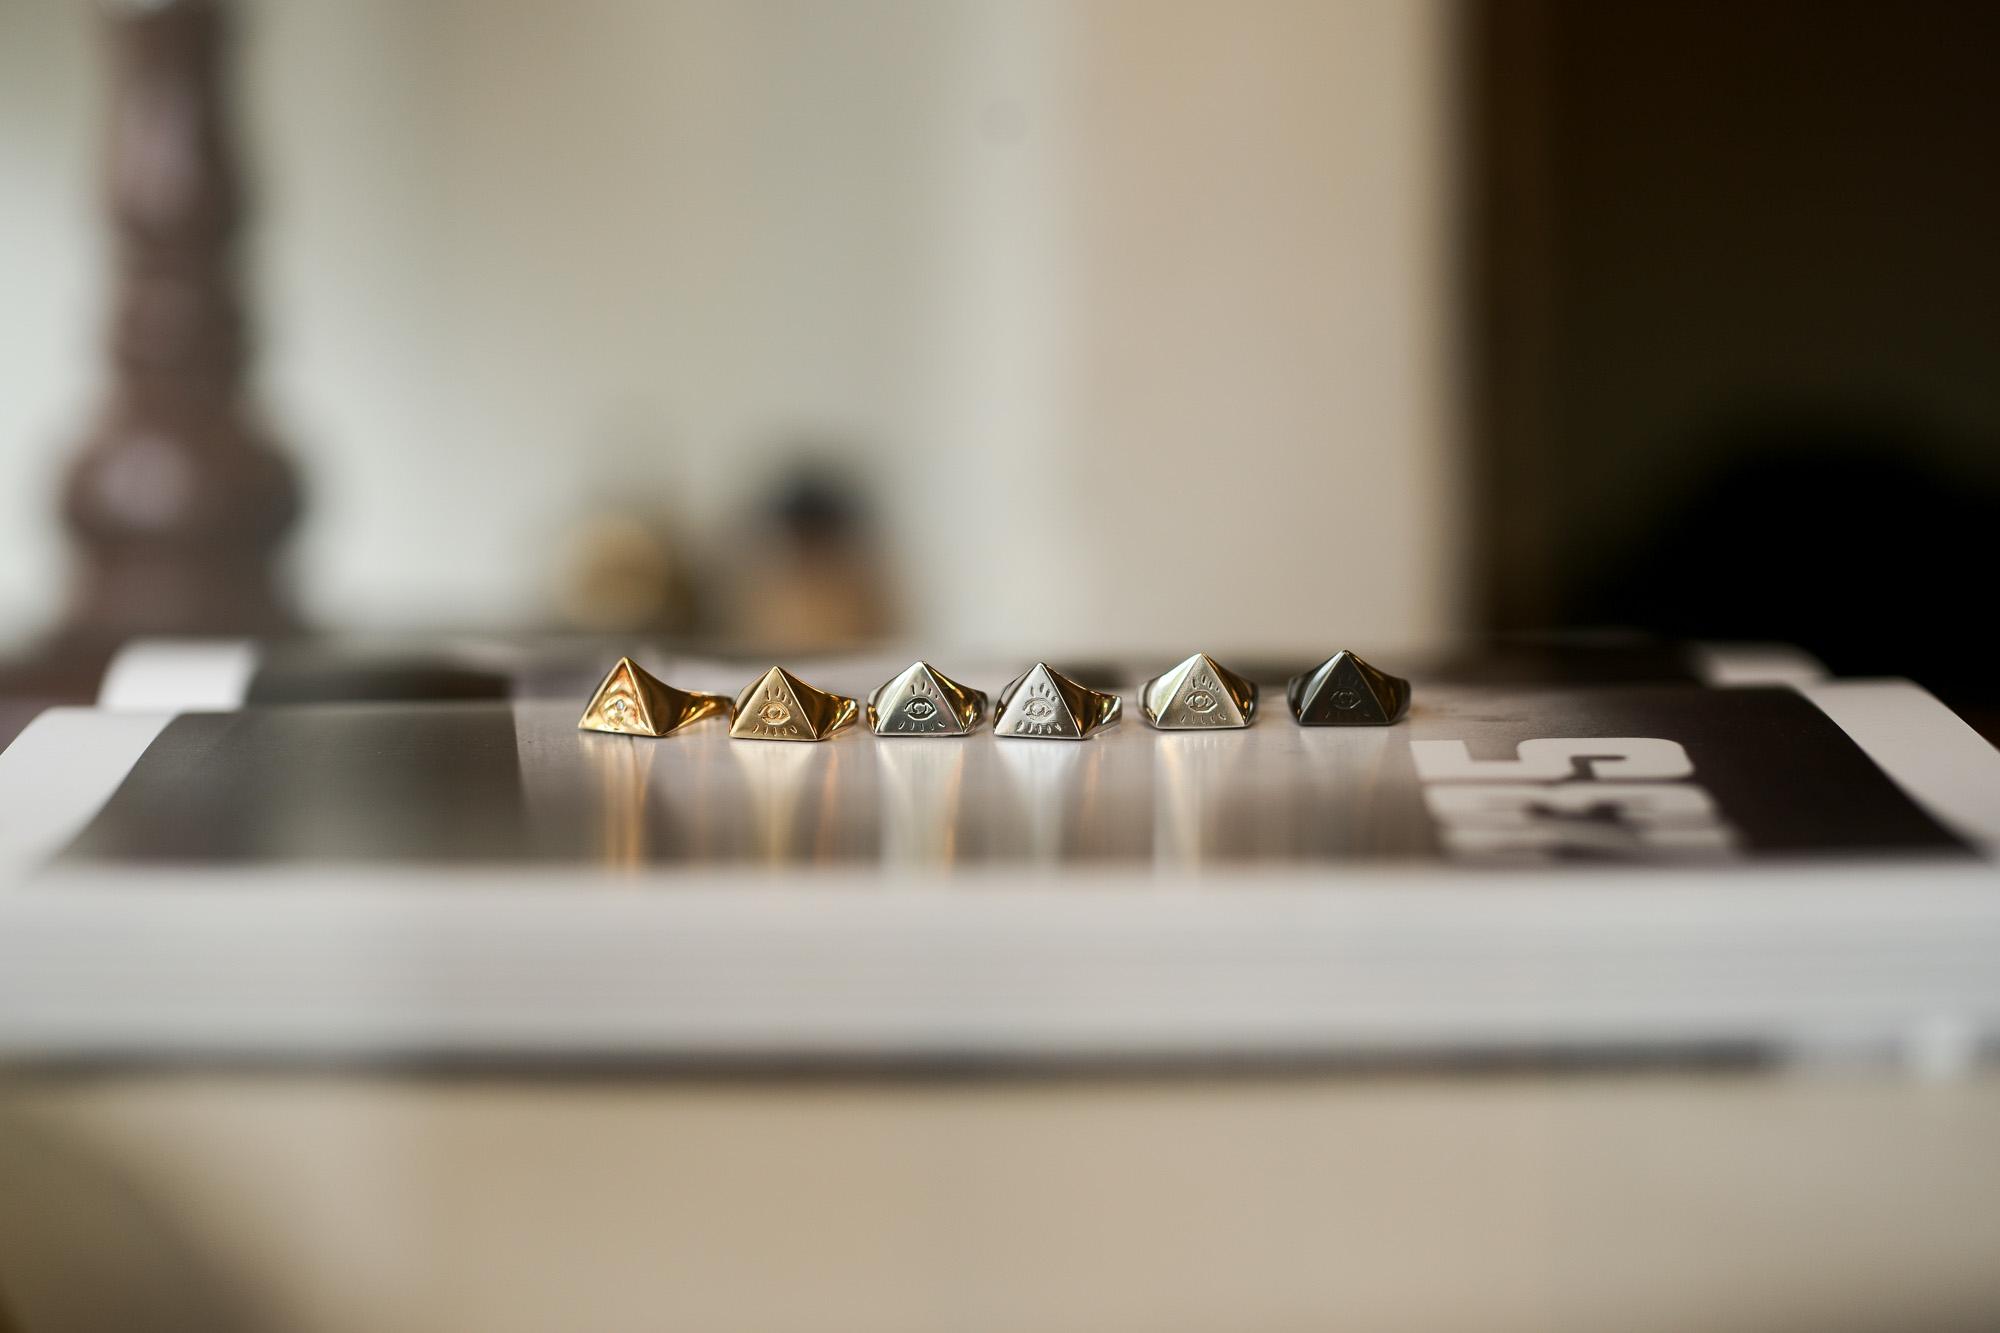 """FIXER """"ILLUMINATI EYES RING 18K GOLD SP"""" × FIXER """"ILLUMINATI EYES RING 18K GOLD"""" × FIXER """"ILLUMINATI EYES RING PLATINUM PT 950"""" × FIXER """"ILLUMINATI EYES RING 18K WHITE GOLD"""" × FIXER """"ILLUMINATI EYES RING 925 STERLING SILVER"""" × FIXER """"ILLUMINATI EYES RING BLACK RHODIUM"""" フィクサー イルミナティ アイズリング 18Kゴールド プラチナ 18Kホワイトゴールド 925シルバー ブラックロジウム 愛知 名古屋 Alto e Diritto altoediritto アルトエデリット"""